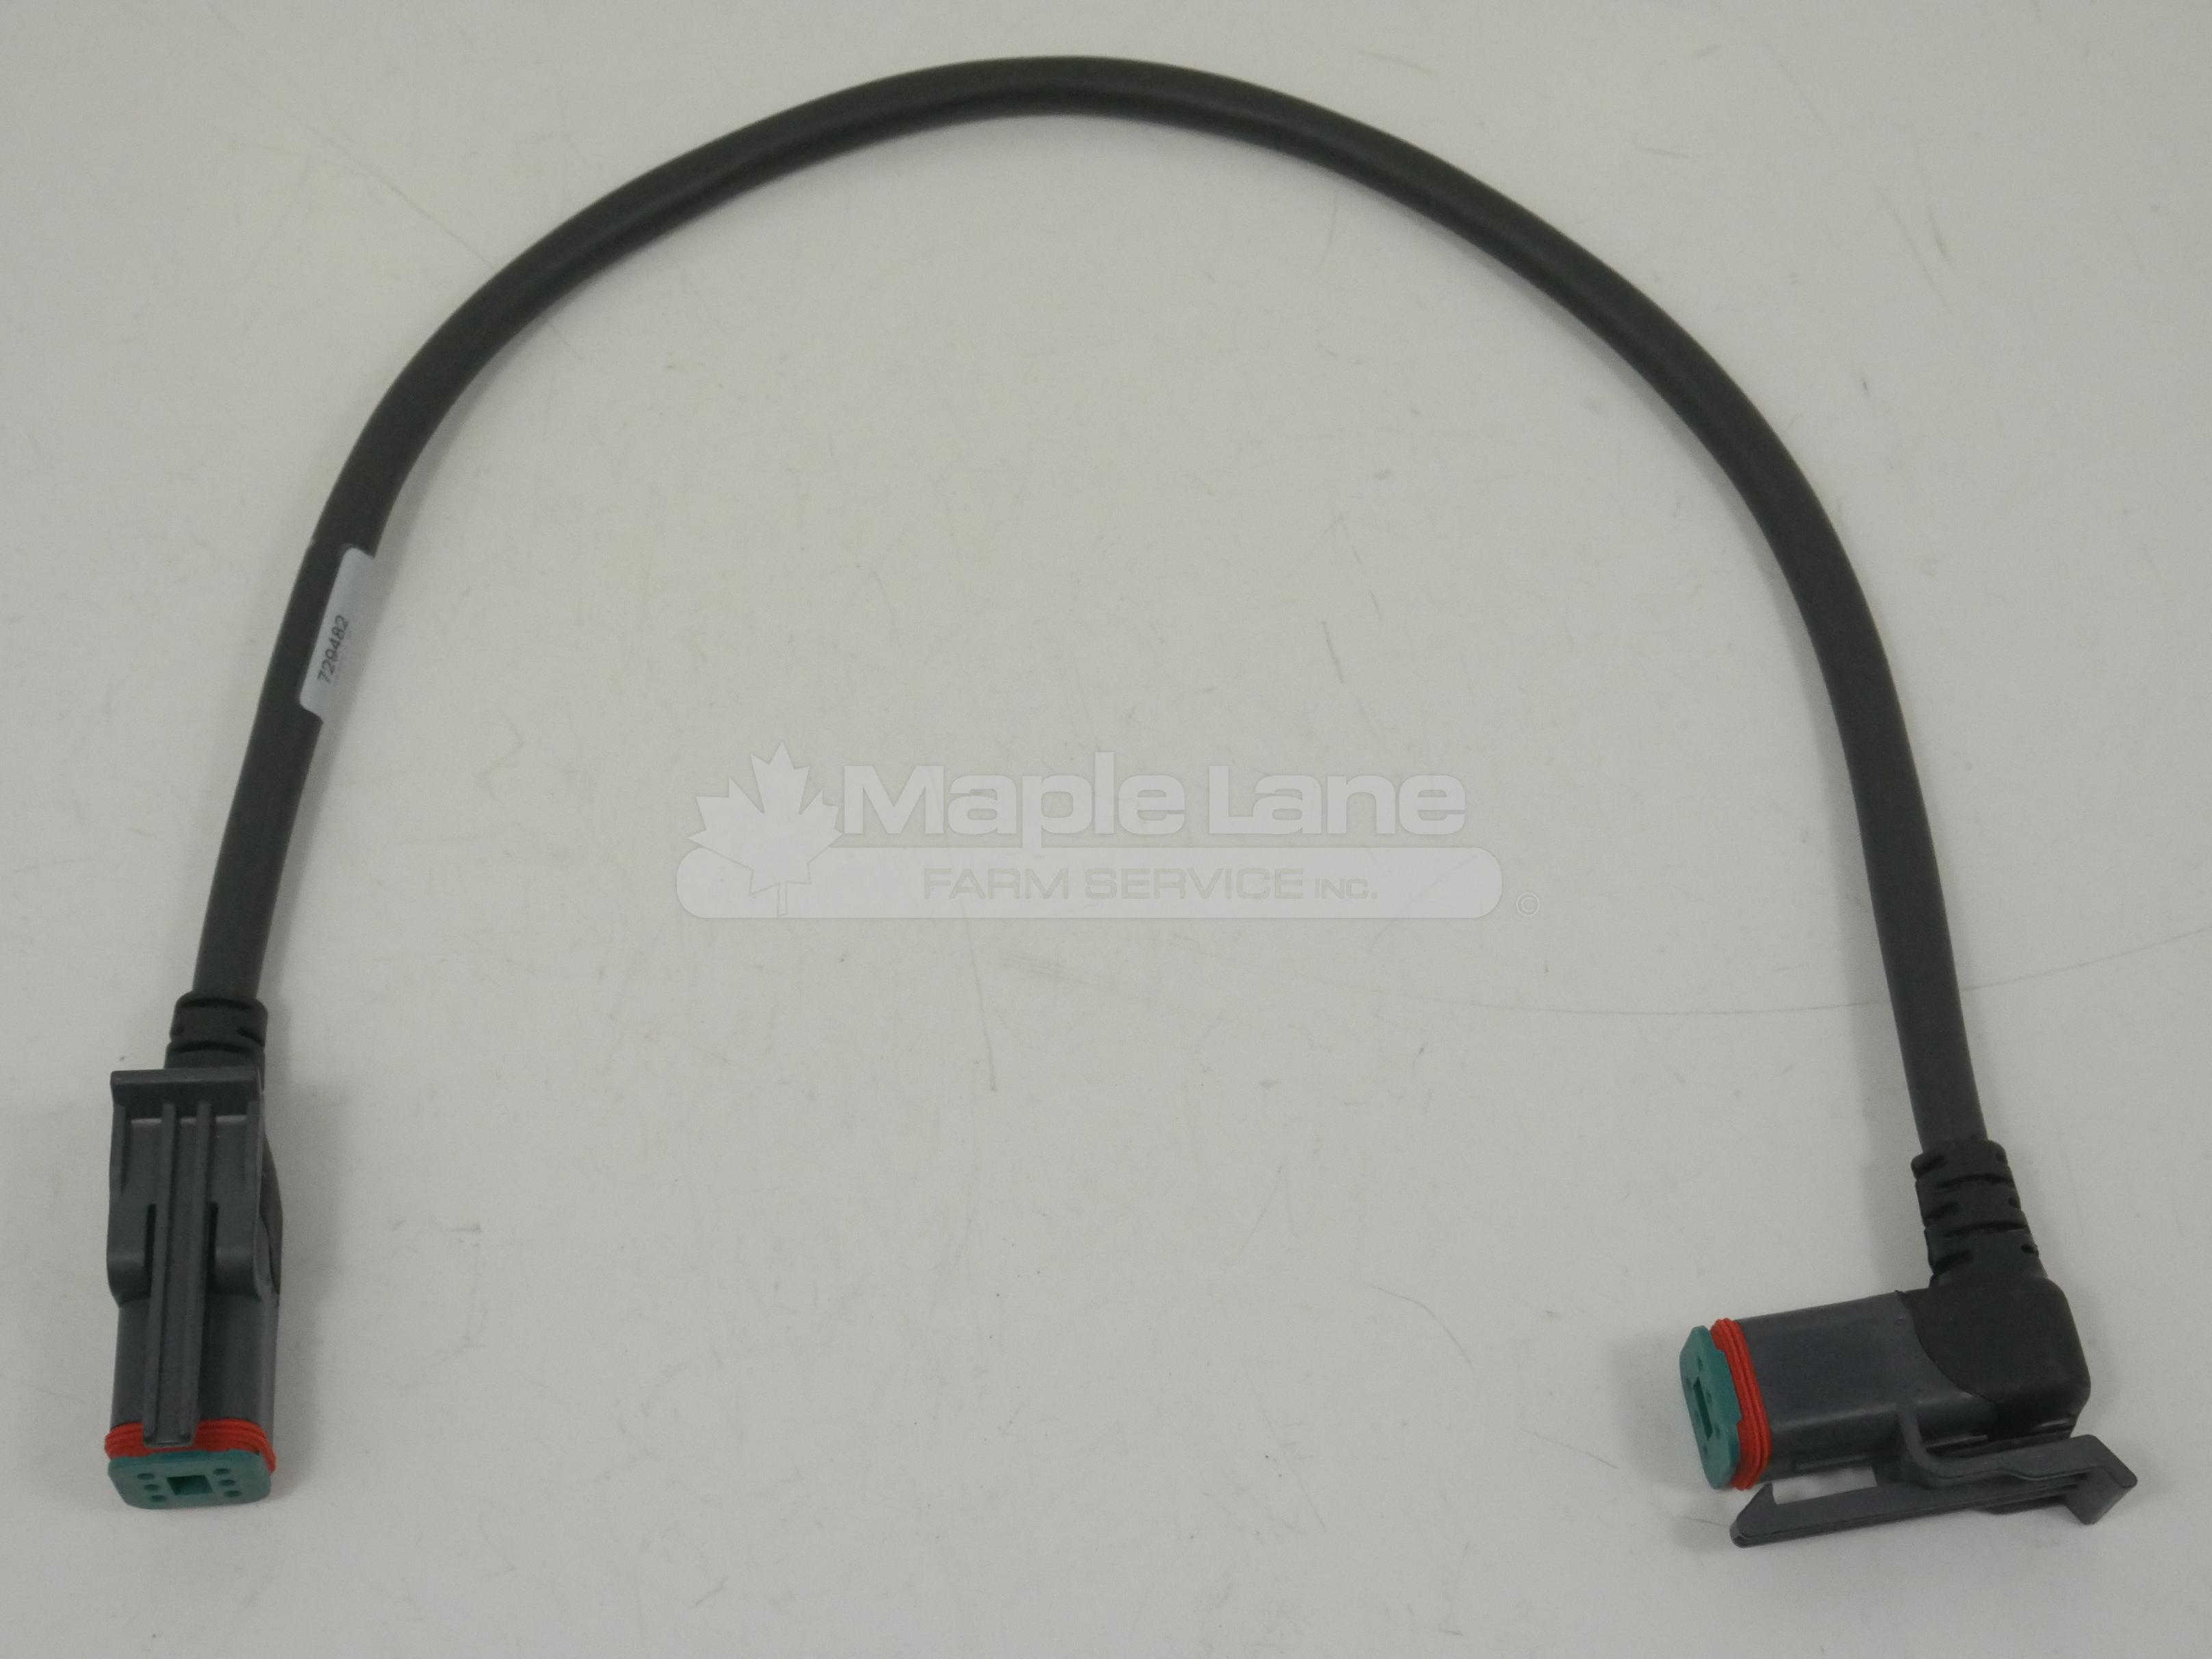 ACW7608460 Harness 556mm